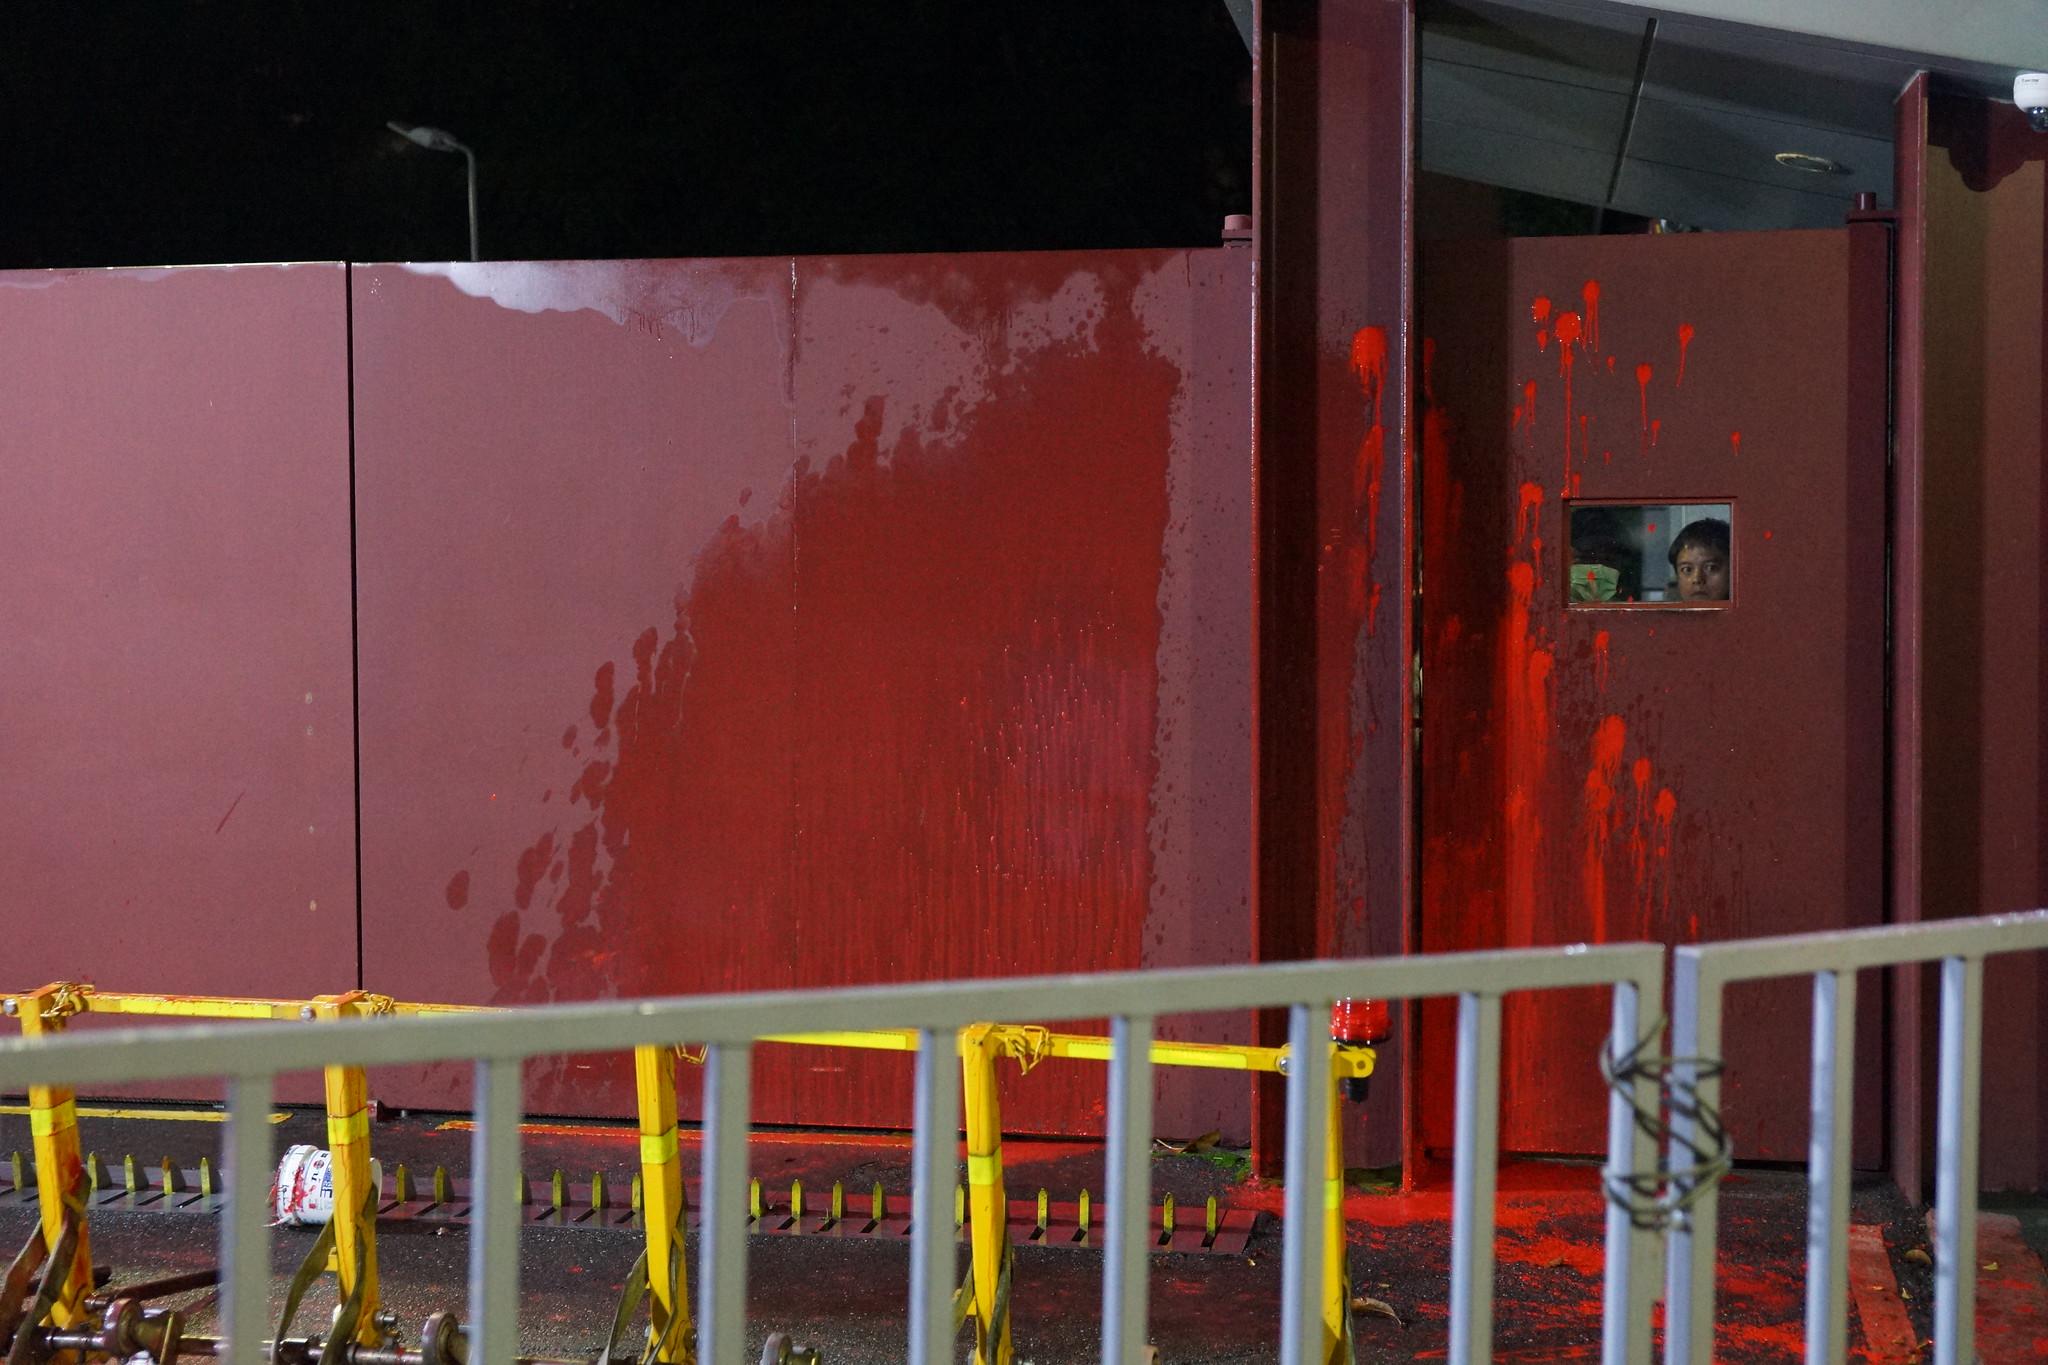 總統官邸凌晨2點被勞團潑紅漆抗議《勞基法》修惡。(攝影:王顥中)